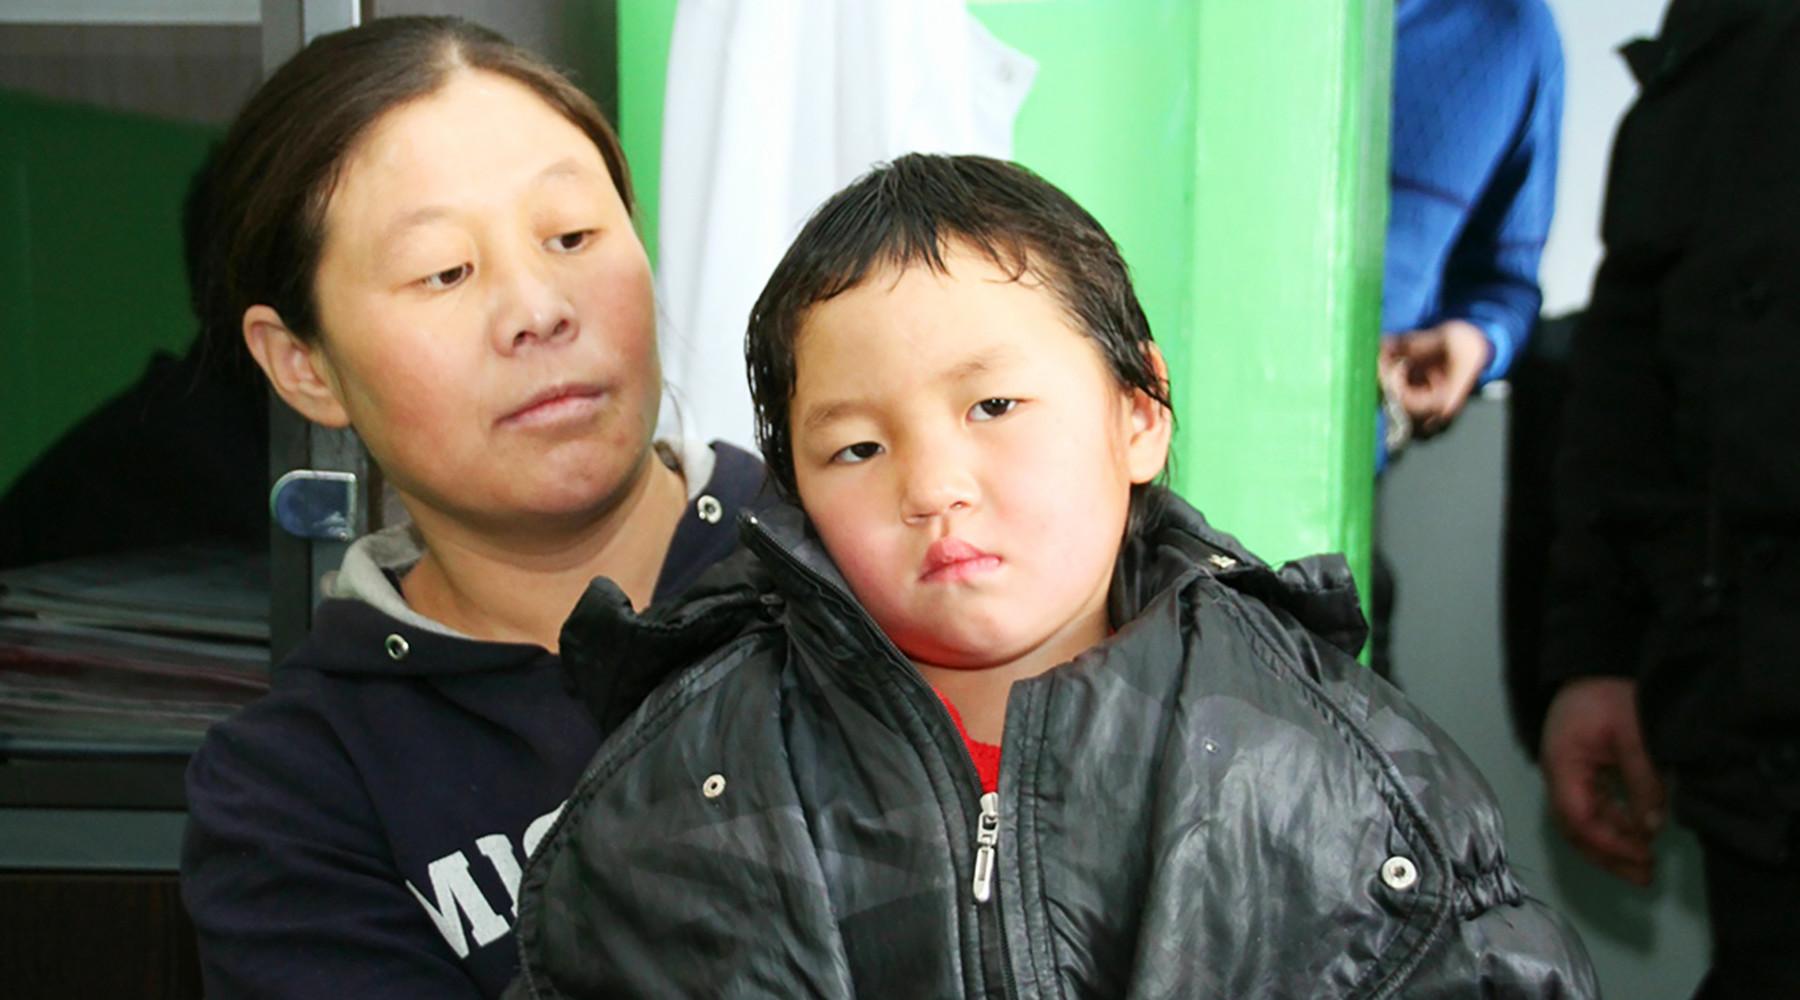 Тувинский тупик: как поход четырёхлетней девочки по зимней тайге обернулся уголовным делом против её матери